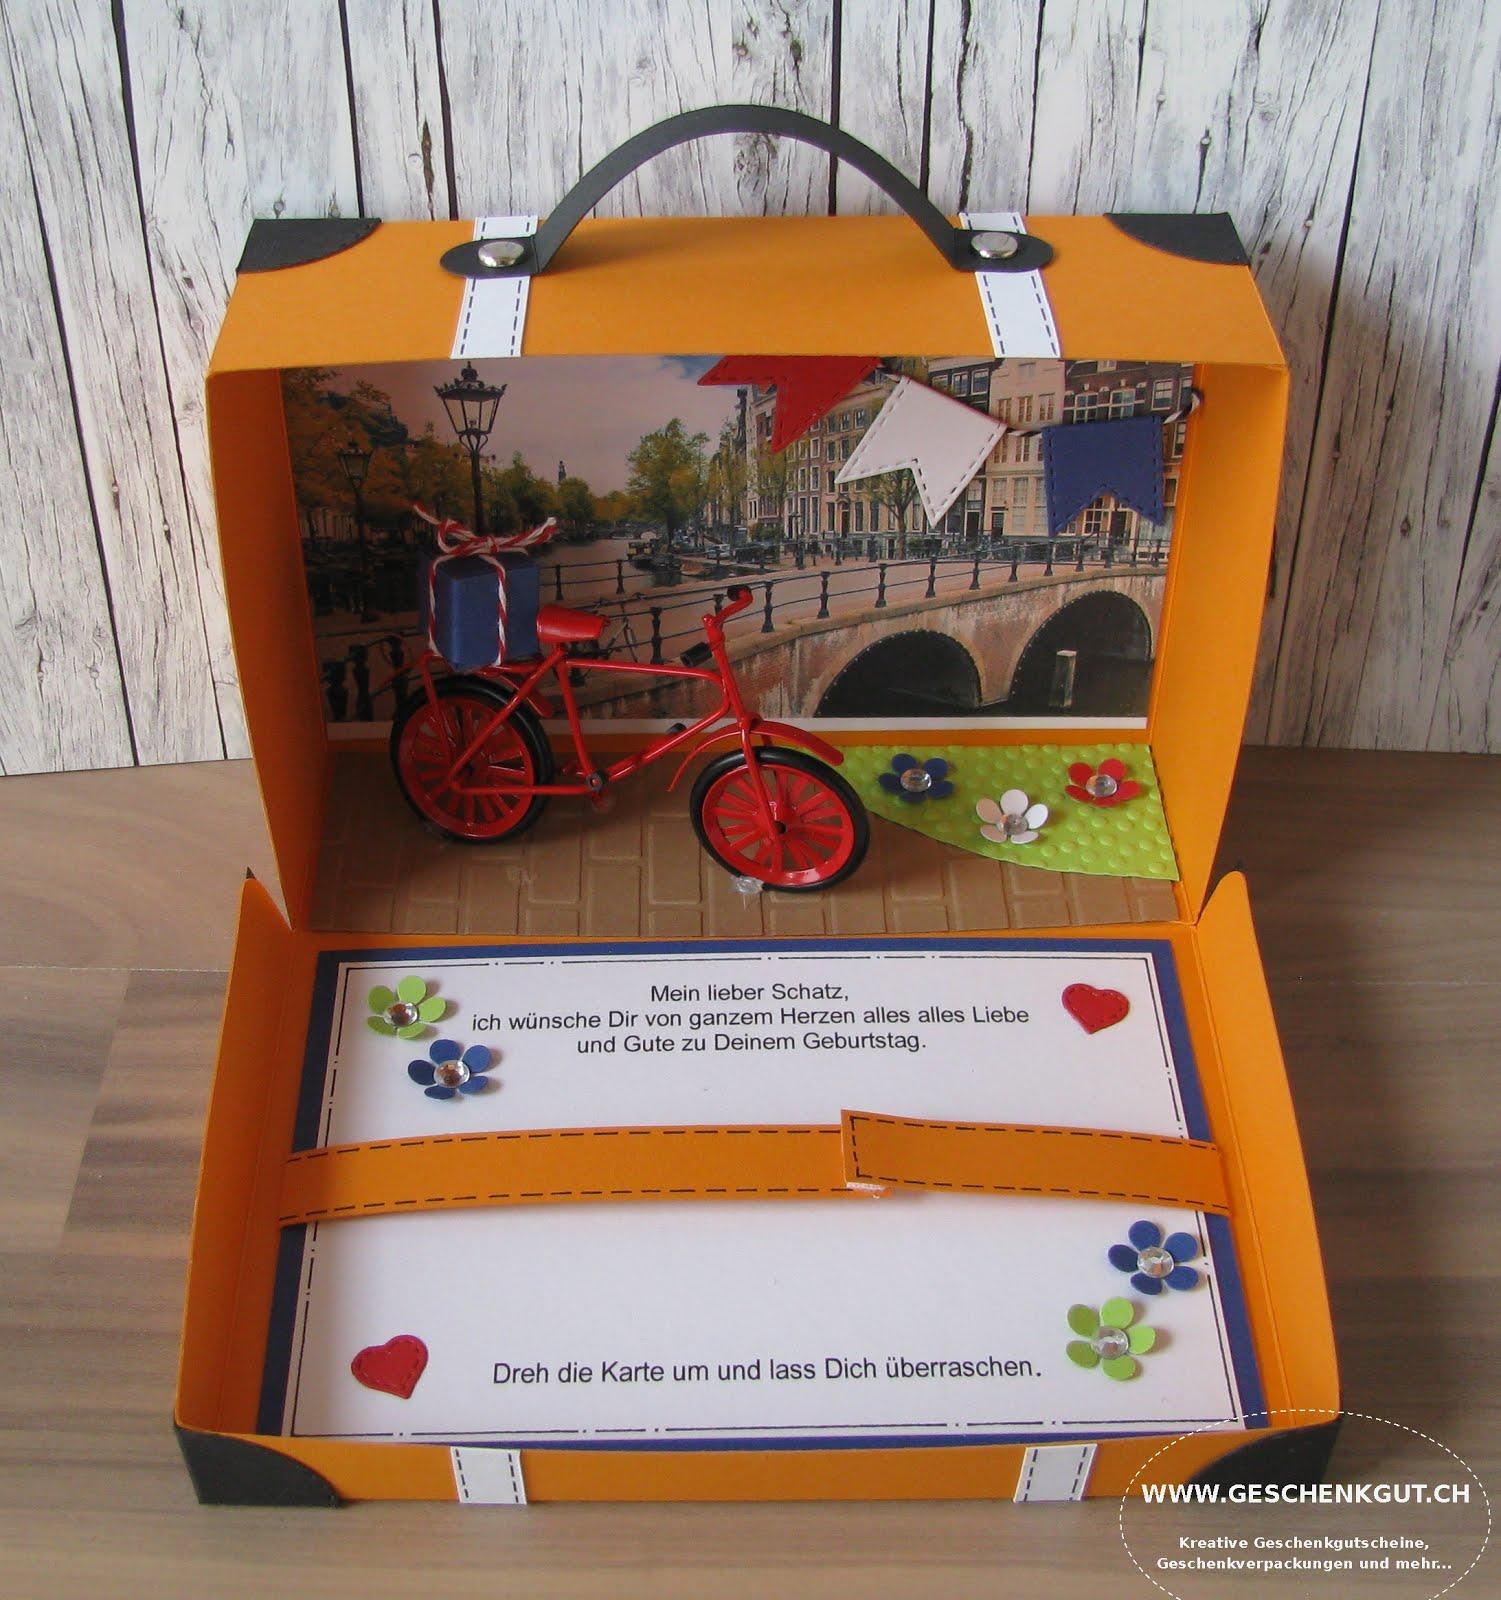 Geschenkidee Gutschein Verpacken